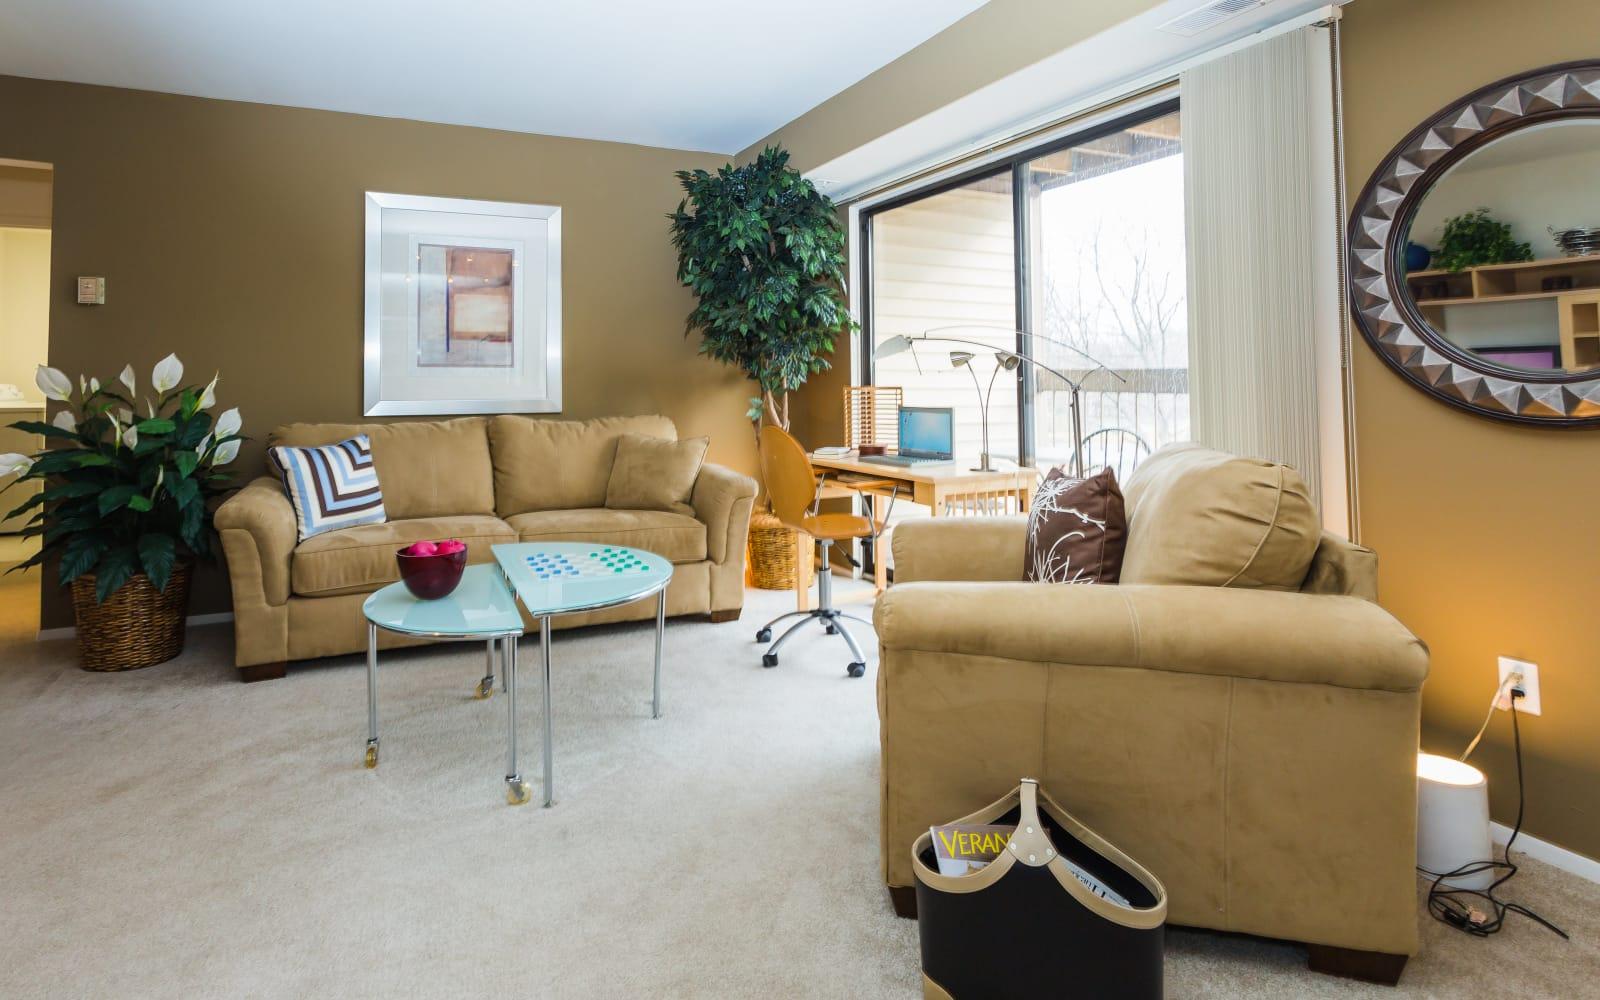 Model living room at Fairmont Park Apartments in Farmington Hills, Michigan